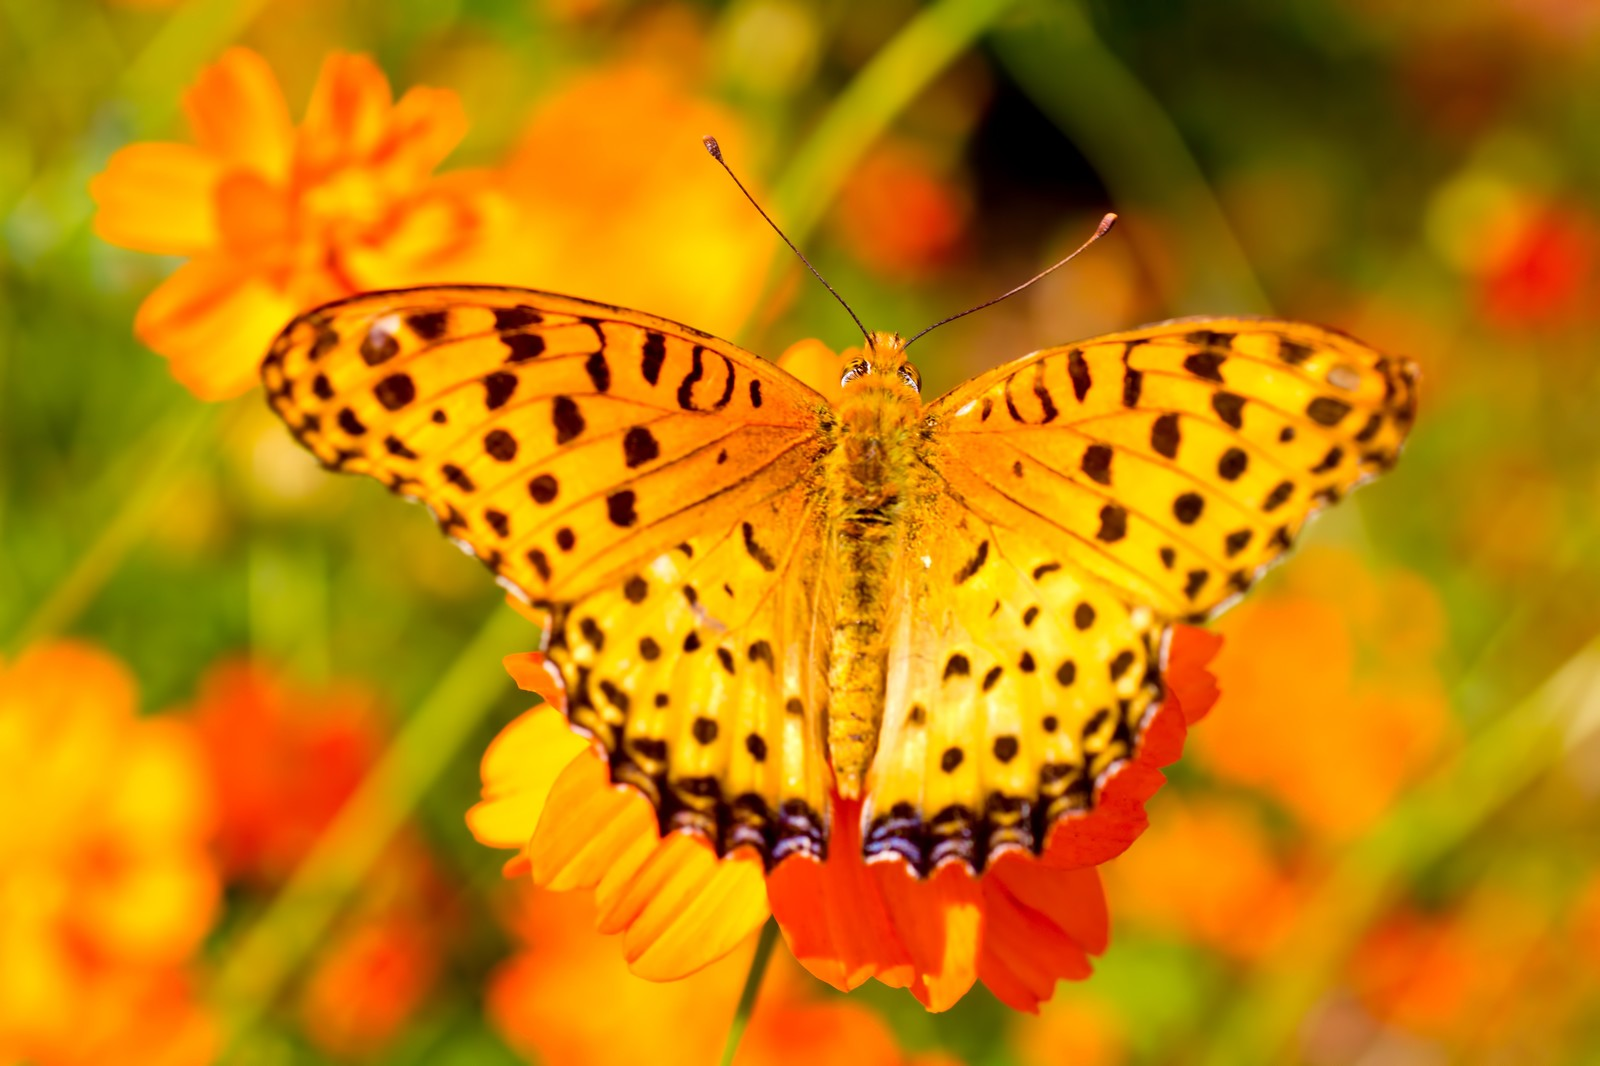 「黄色い蝶(ツマグロヒョウモンのオス)」の写真